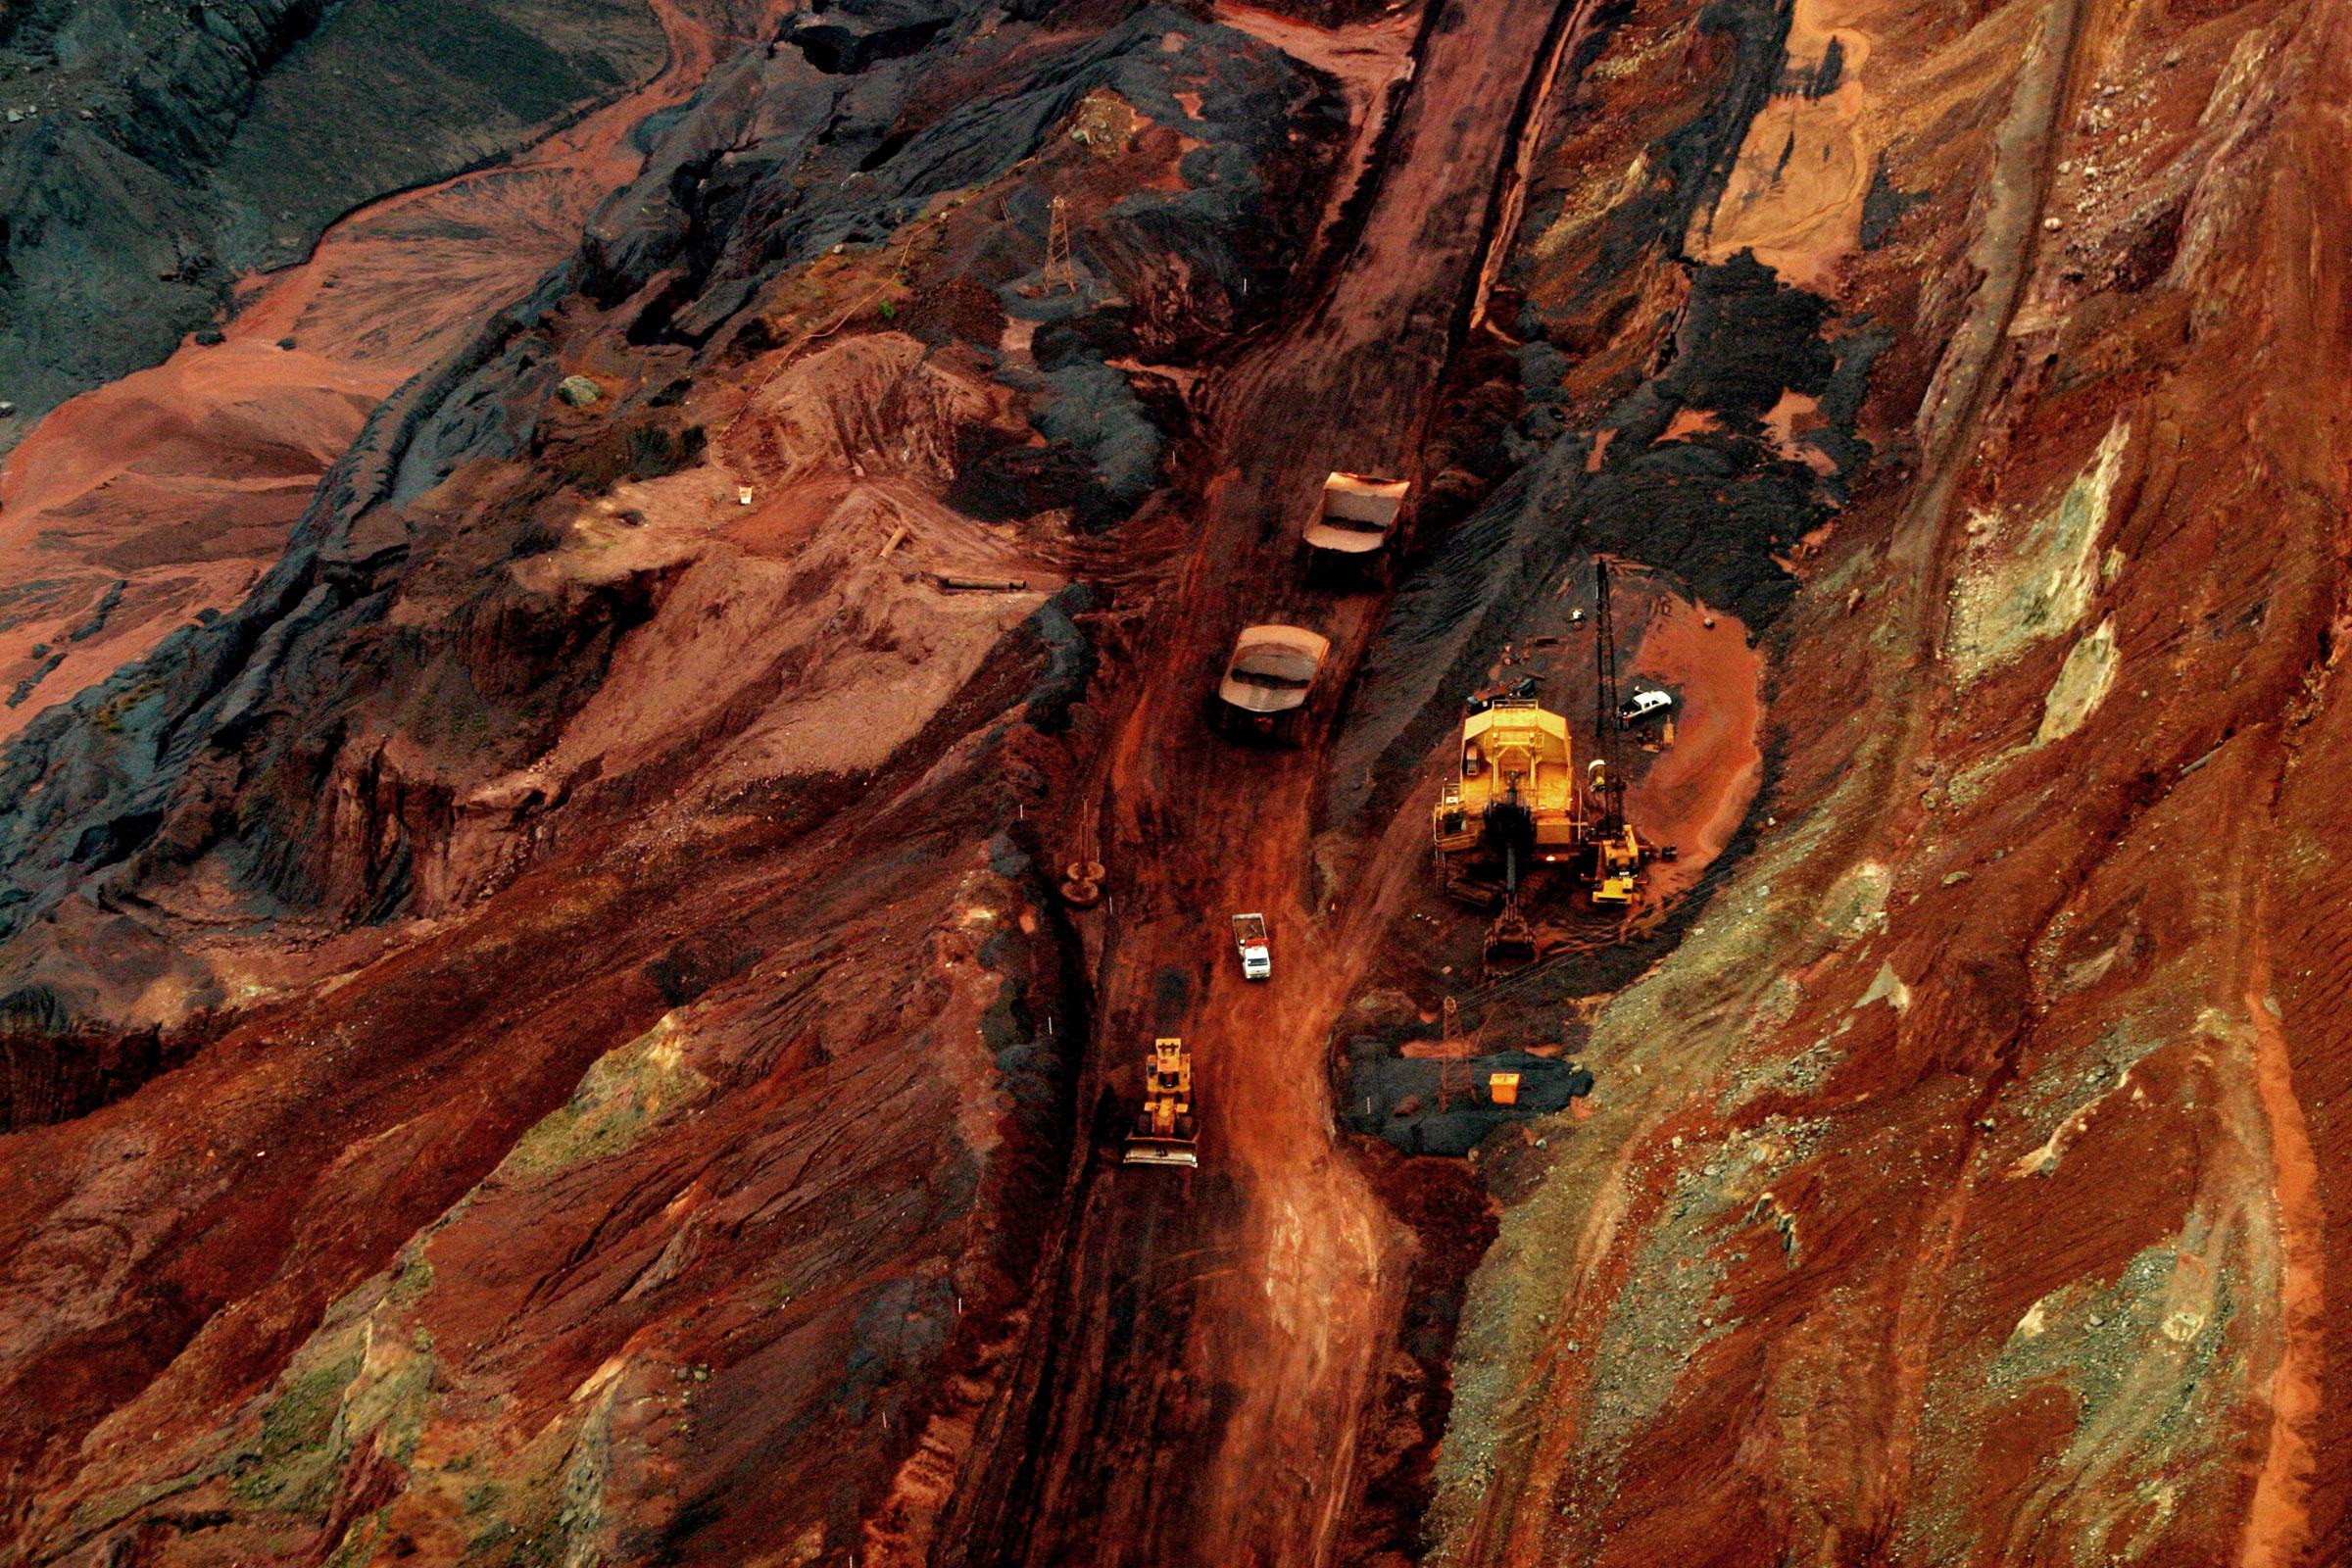 Mineração Carajás da Vale no Pará, em 2005 (Foto: Alberto César Araújo)